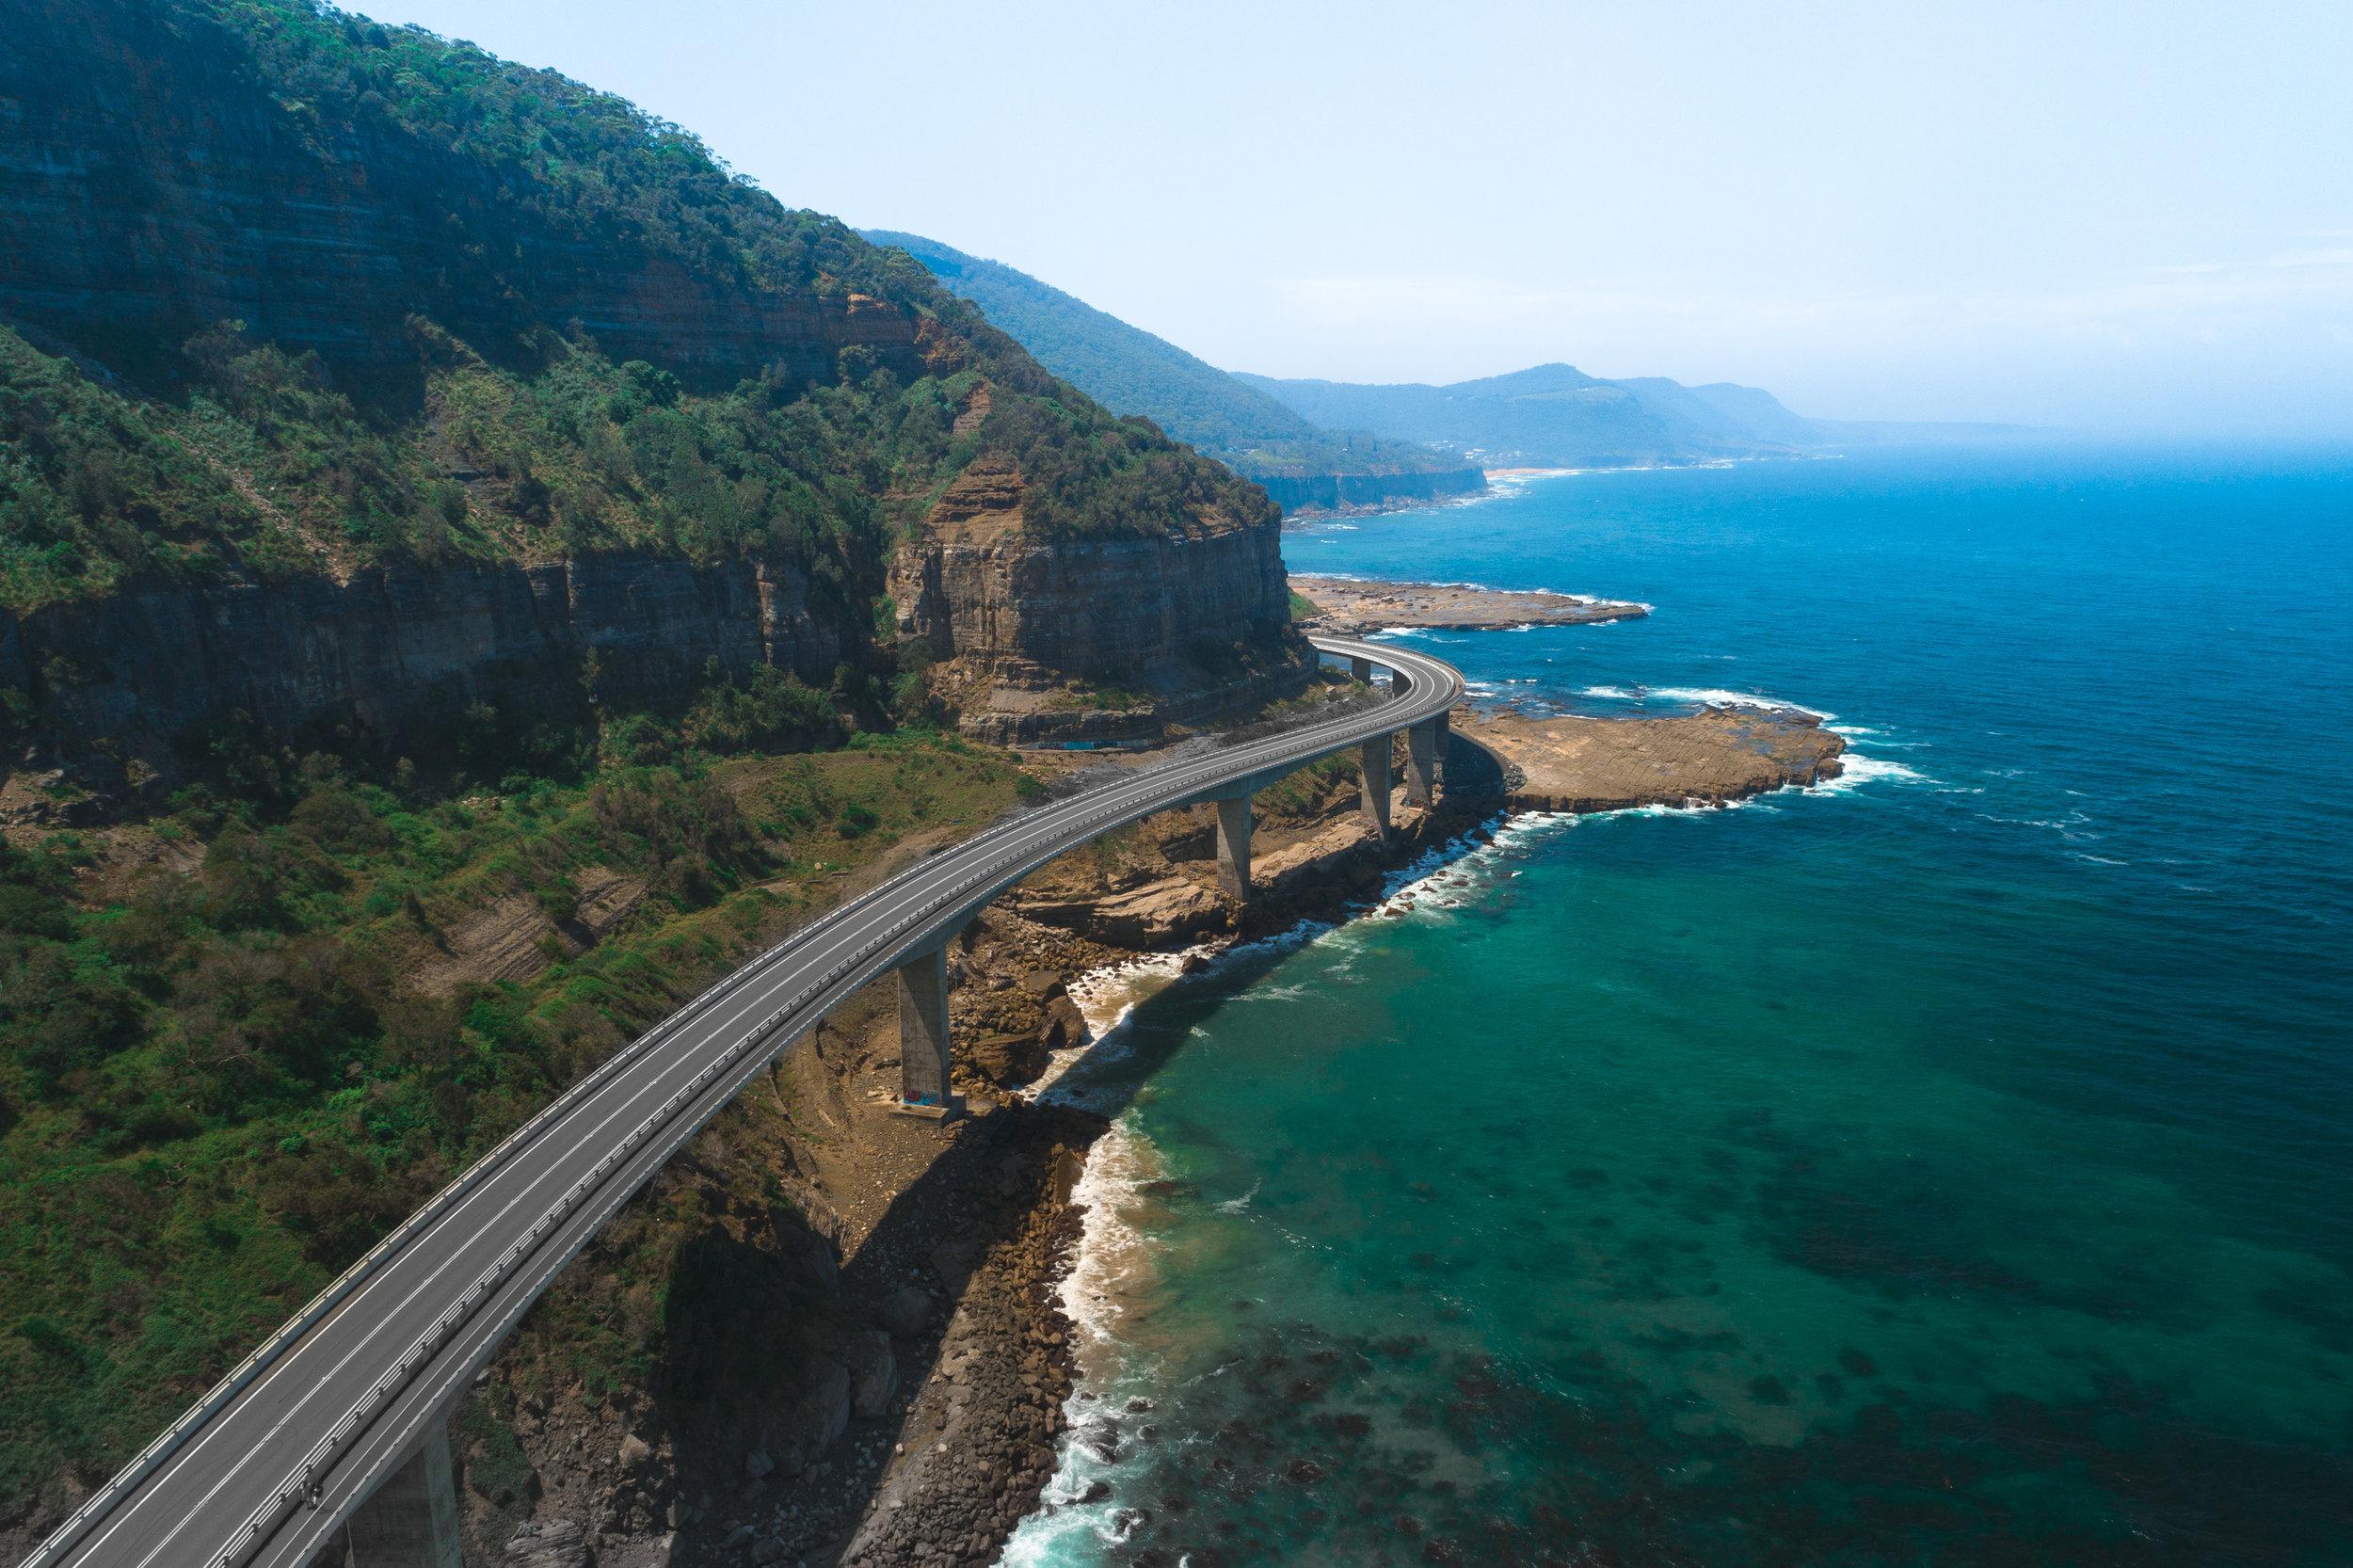 ABE1_AUS_R34_Sea_Cliff_Bridge_Trip-43.jpg